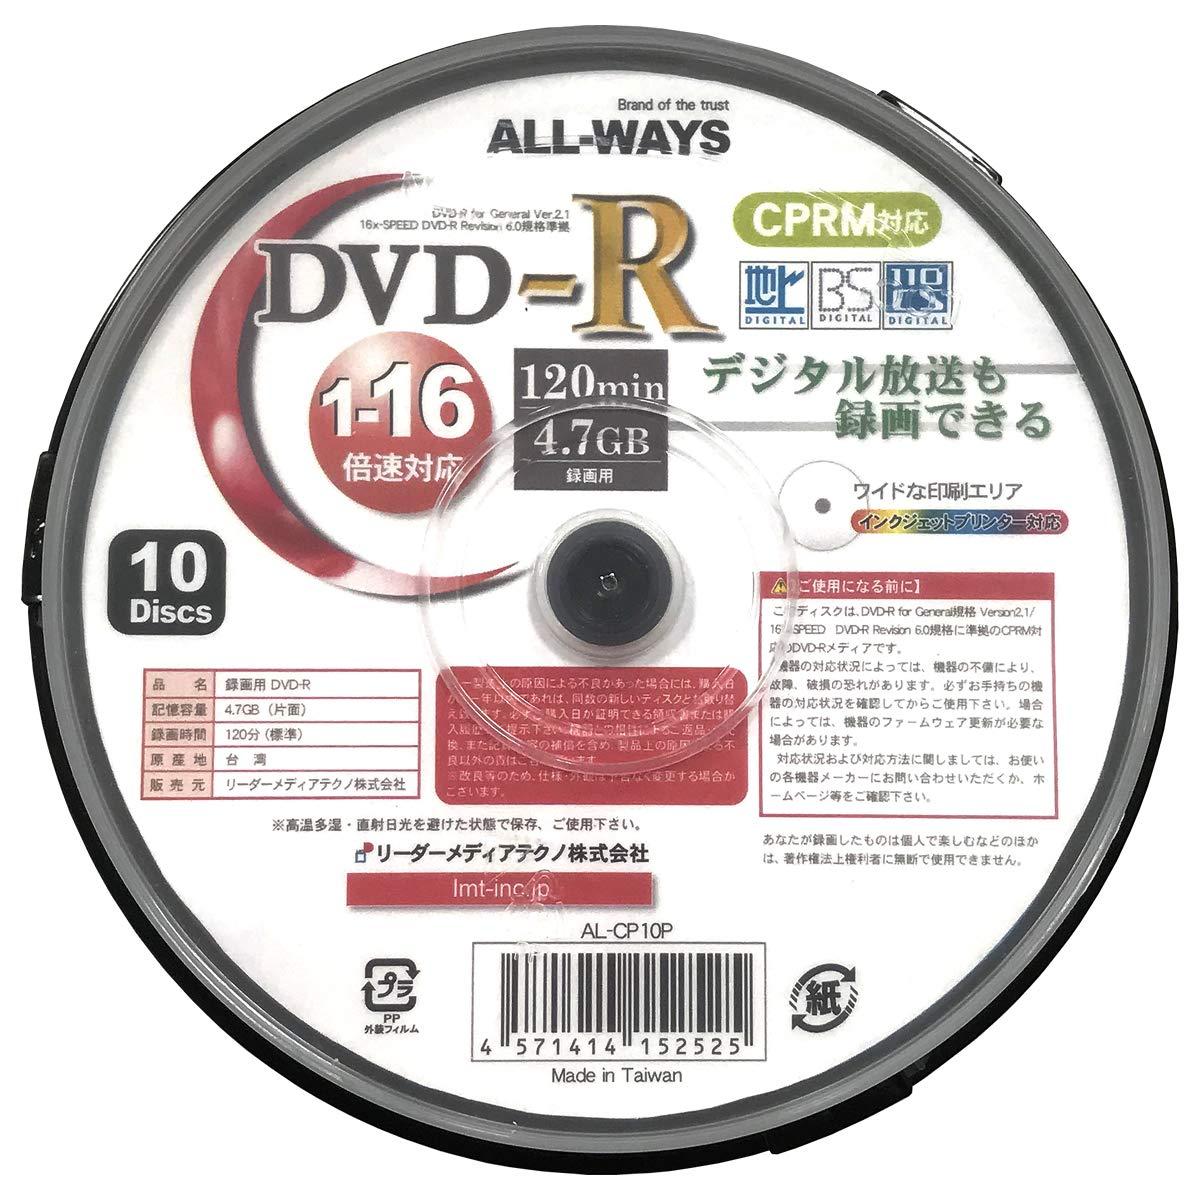 ALL WAYS CPRM対応 DVD-Rメディア 16倍速 10枚入×40パック スピンドルケース ホワイトプリンタブル 4.7GB/120min AL-CP10P-40P /スポーツ/記念/撮影/録画/記録【10P03Dec16】